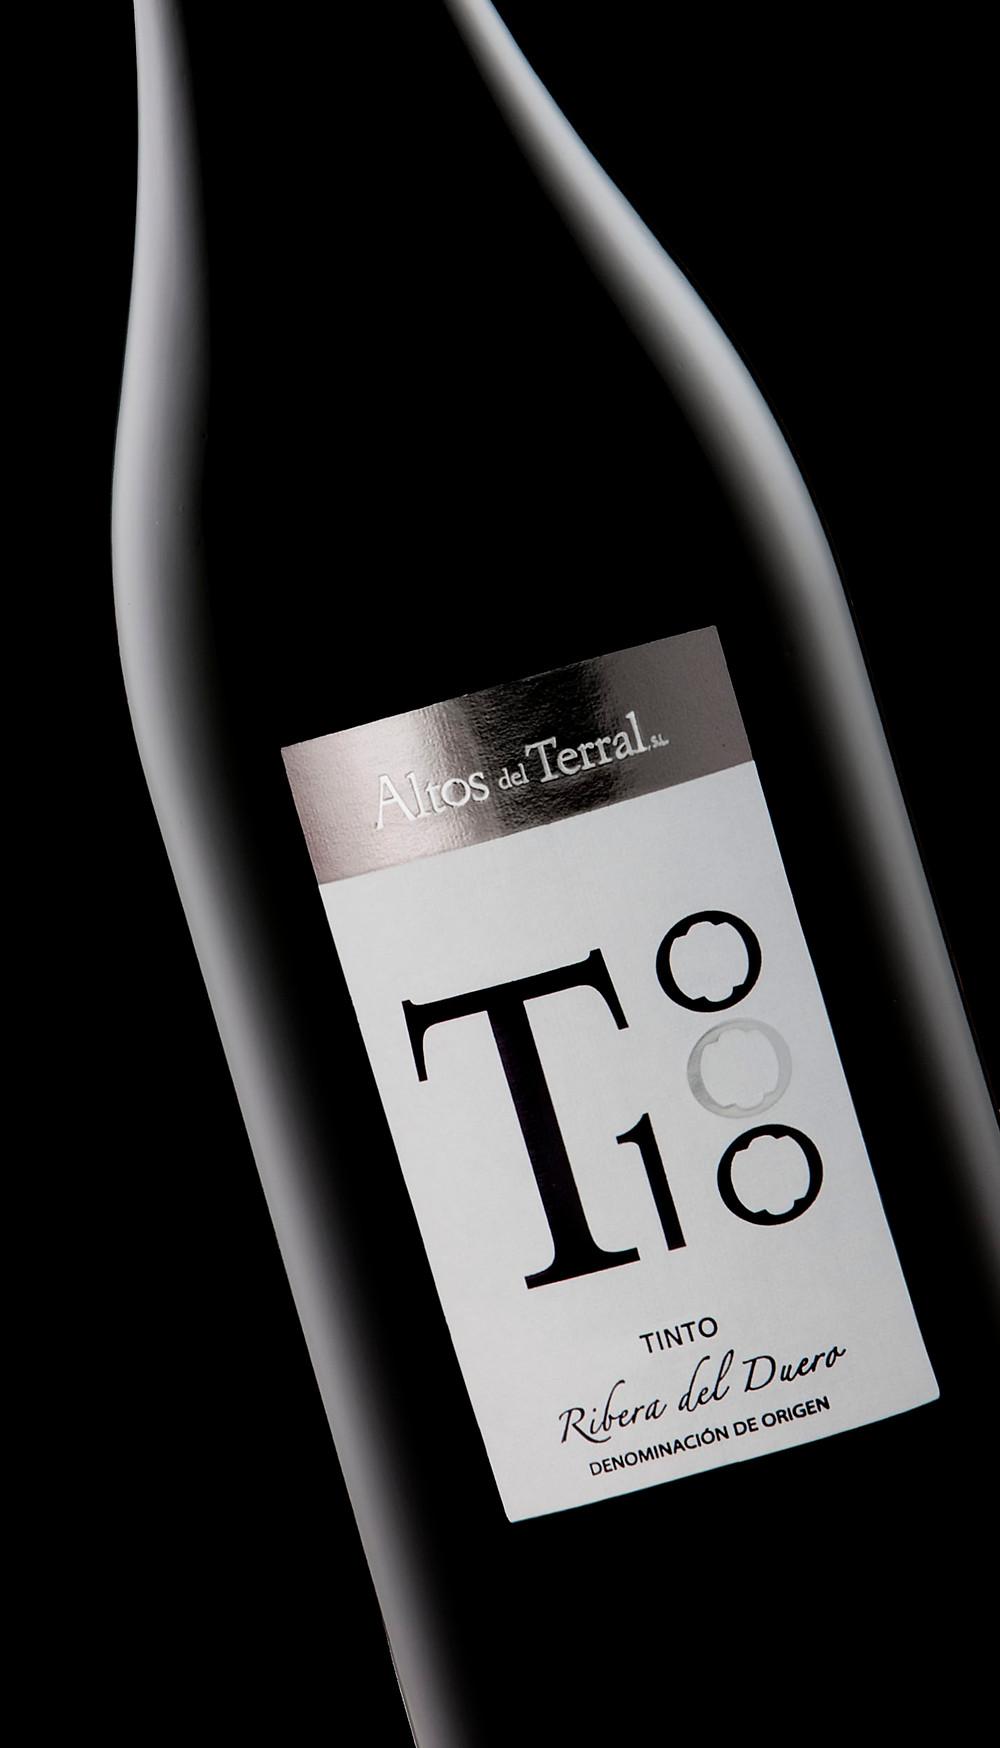 vino-altos-terral-t1-ribera-del-duero